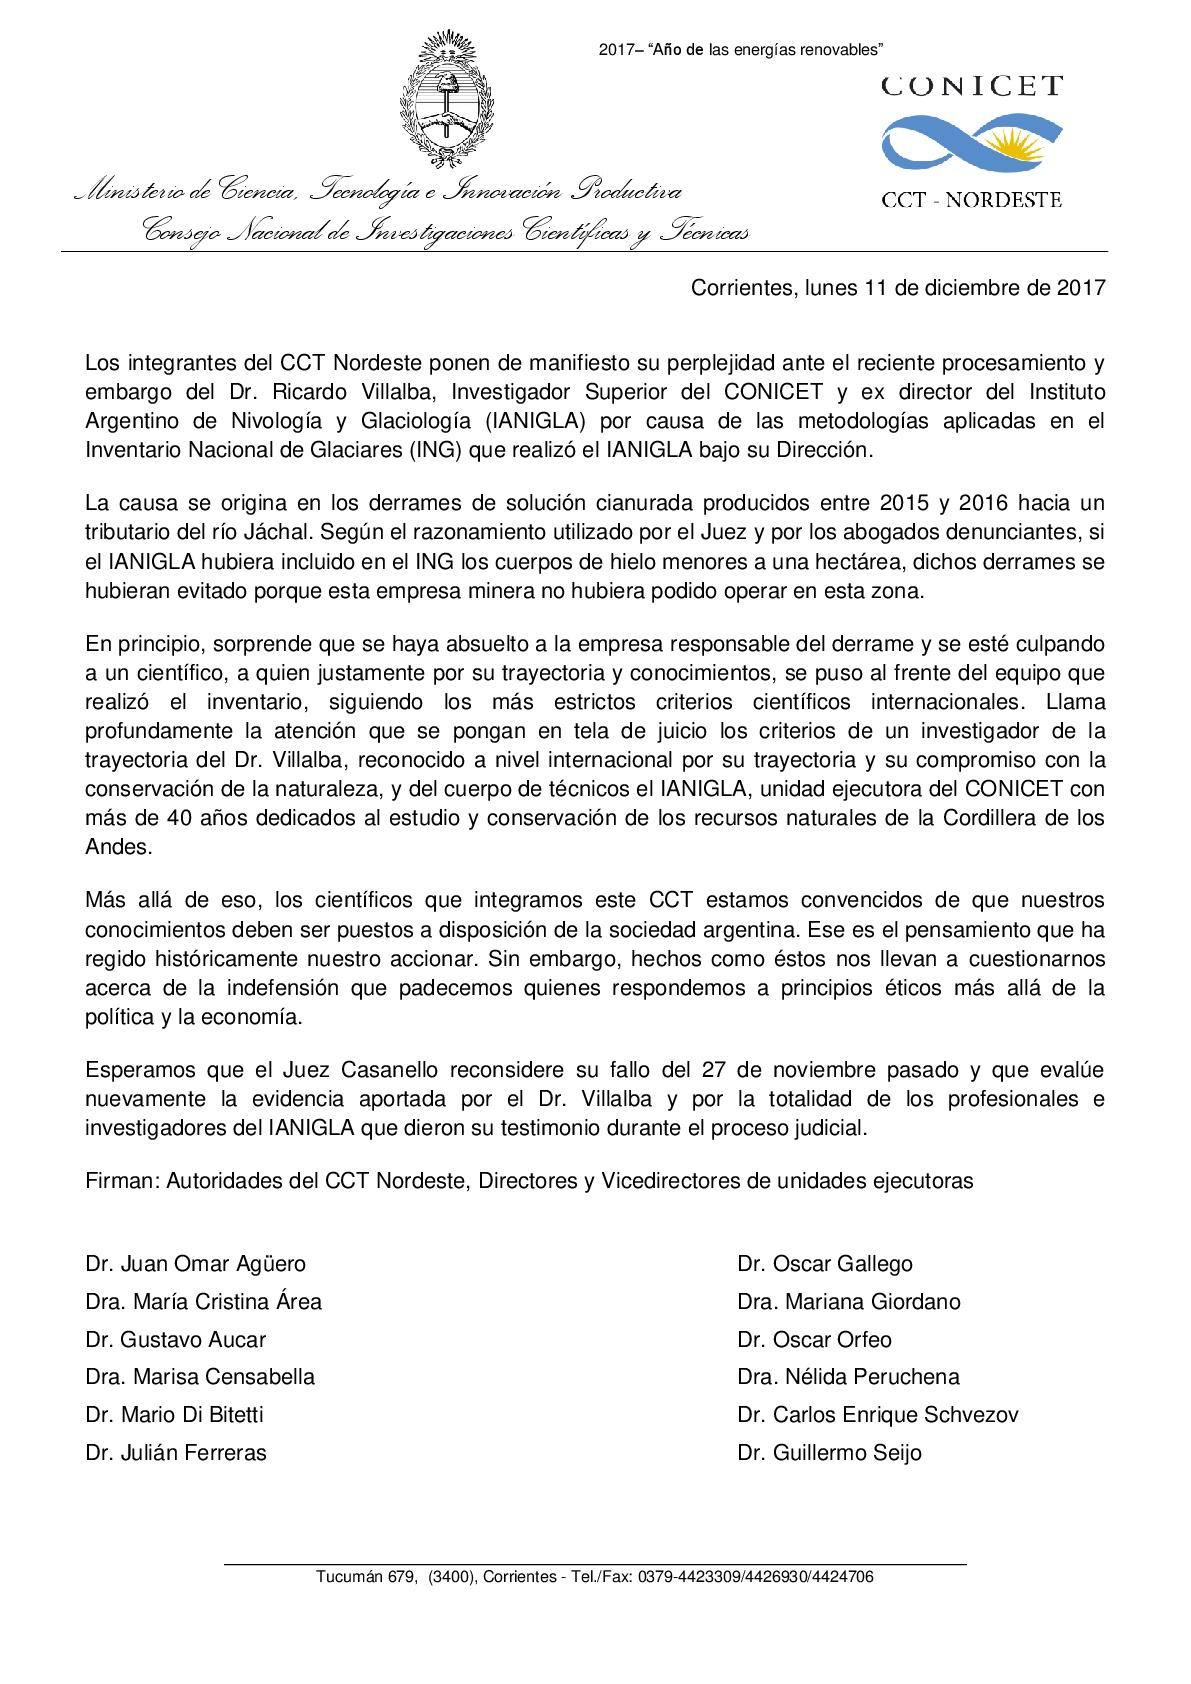 Comunicado CCT Nordeste en apoyo a Villalba-001